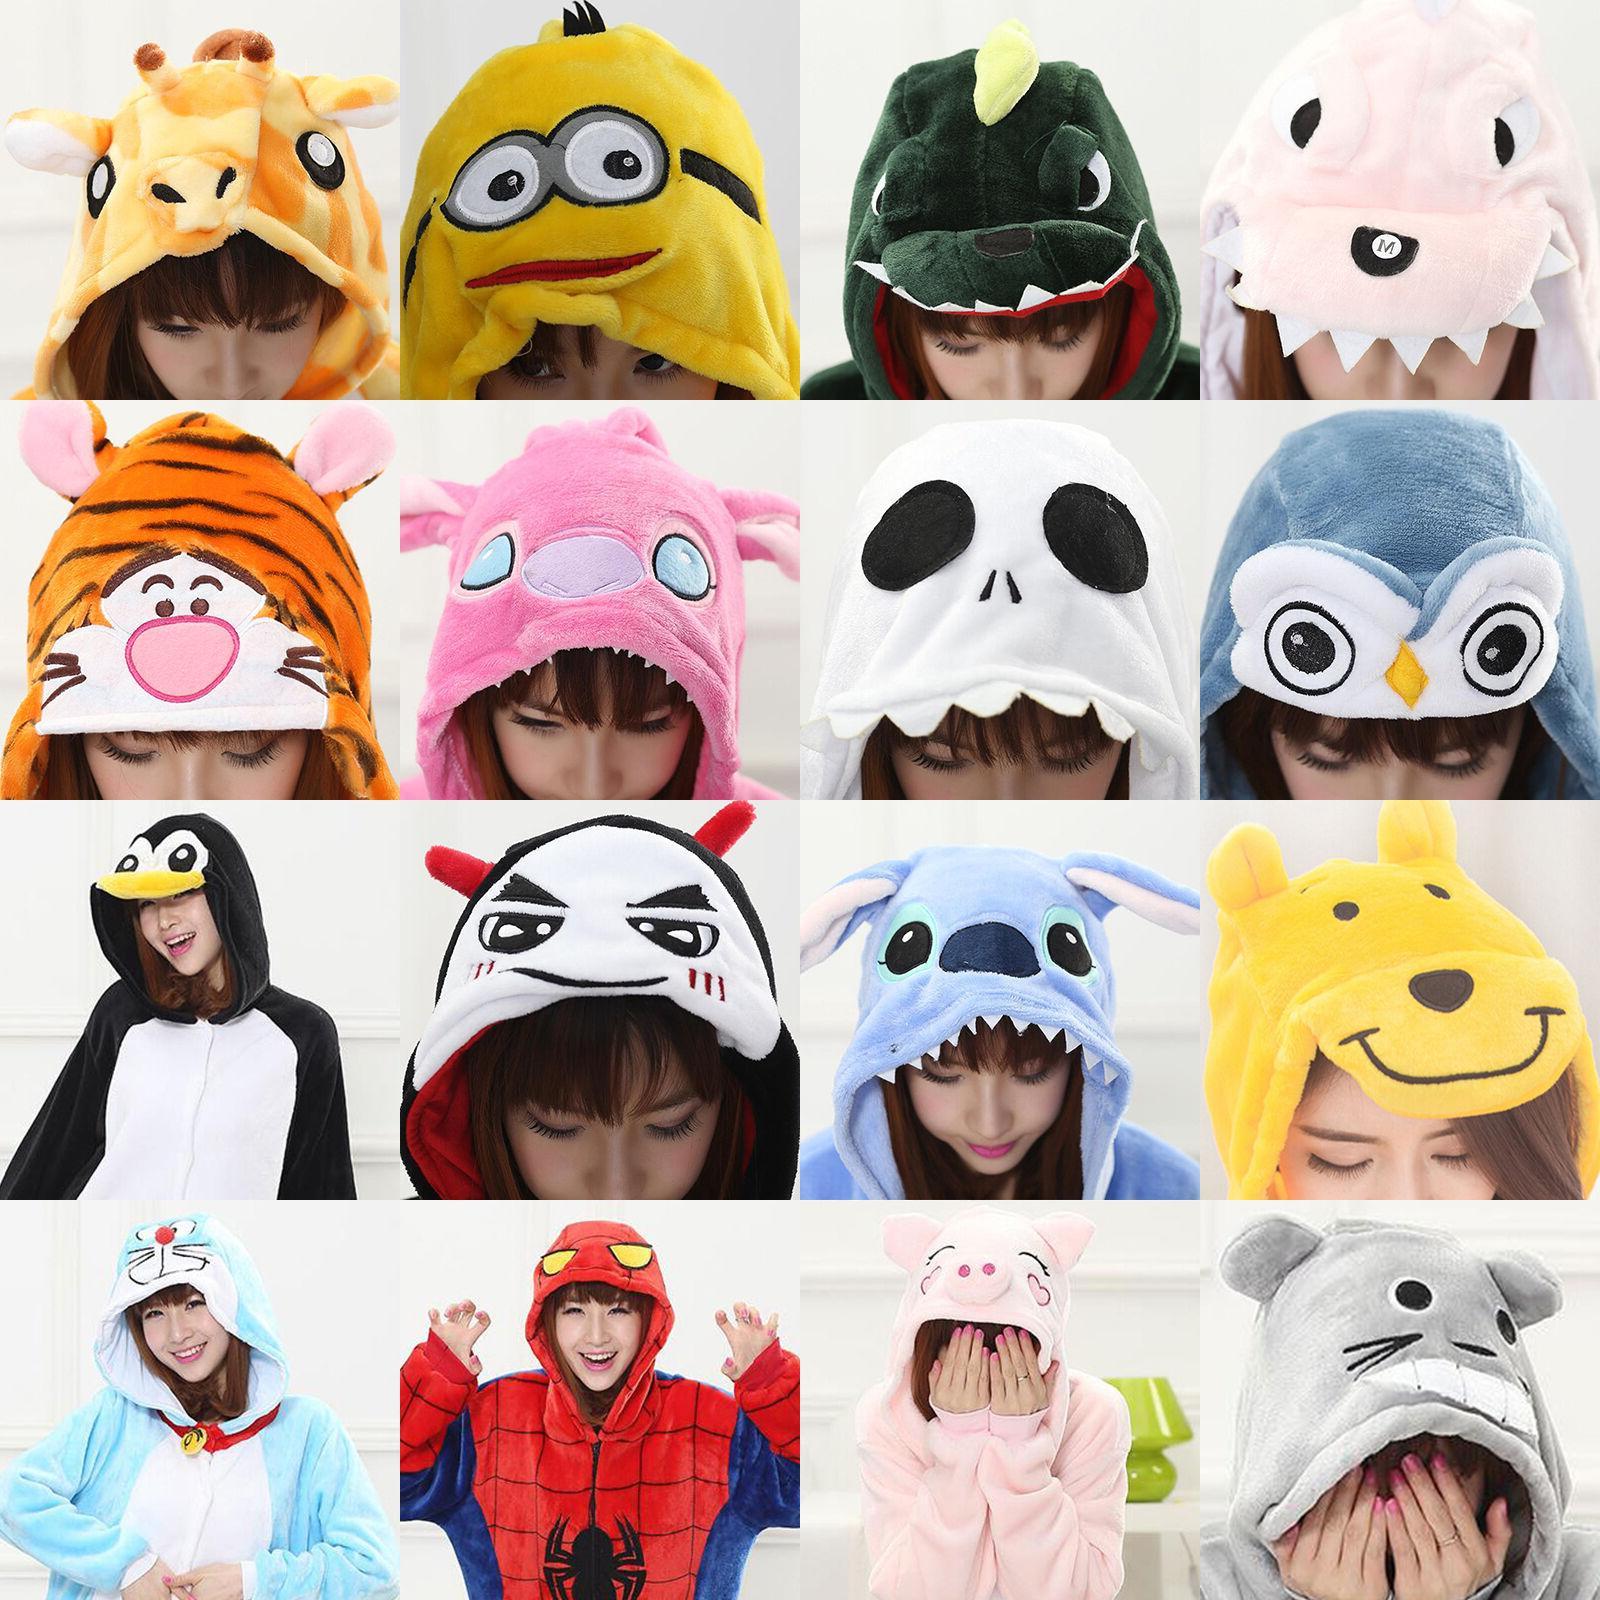 Hot Adults Animal Kigurumi Pajamas Cosplay Sleepwear Costumes